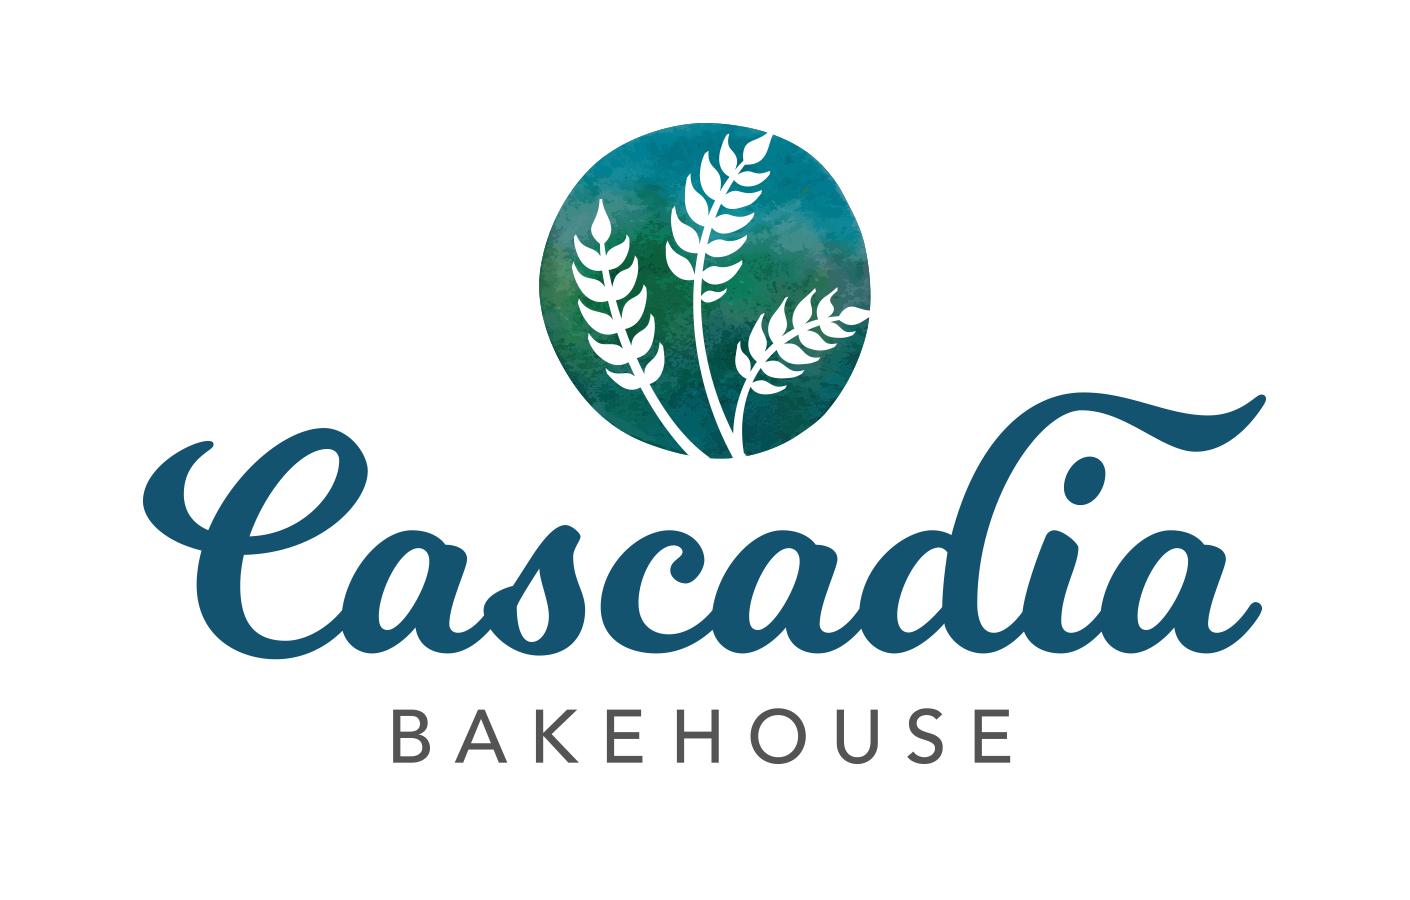 Logo and branding for Cascadia Bakehouse